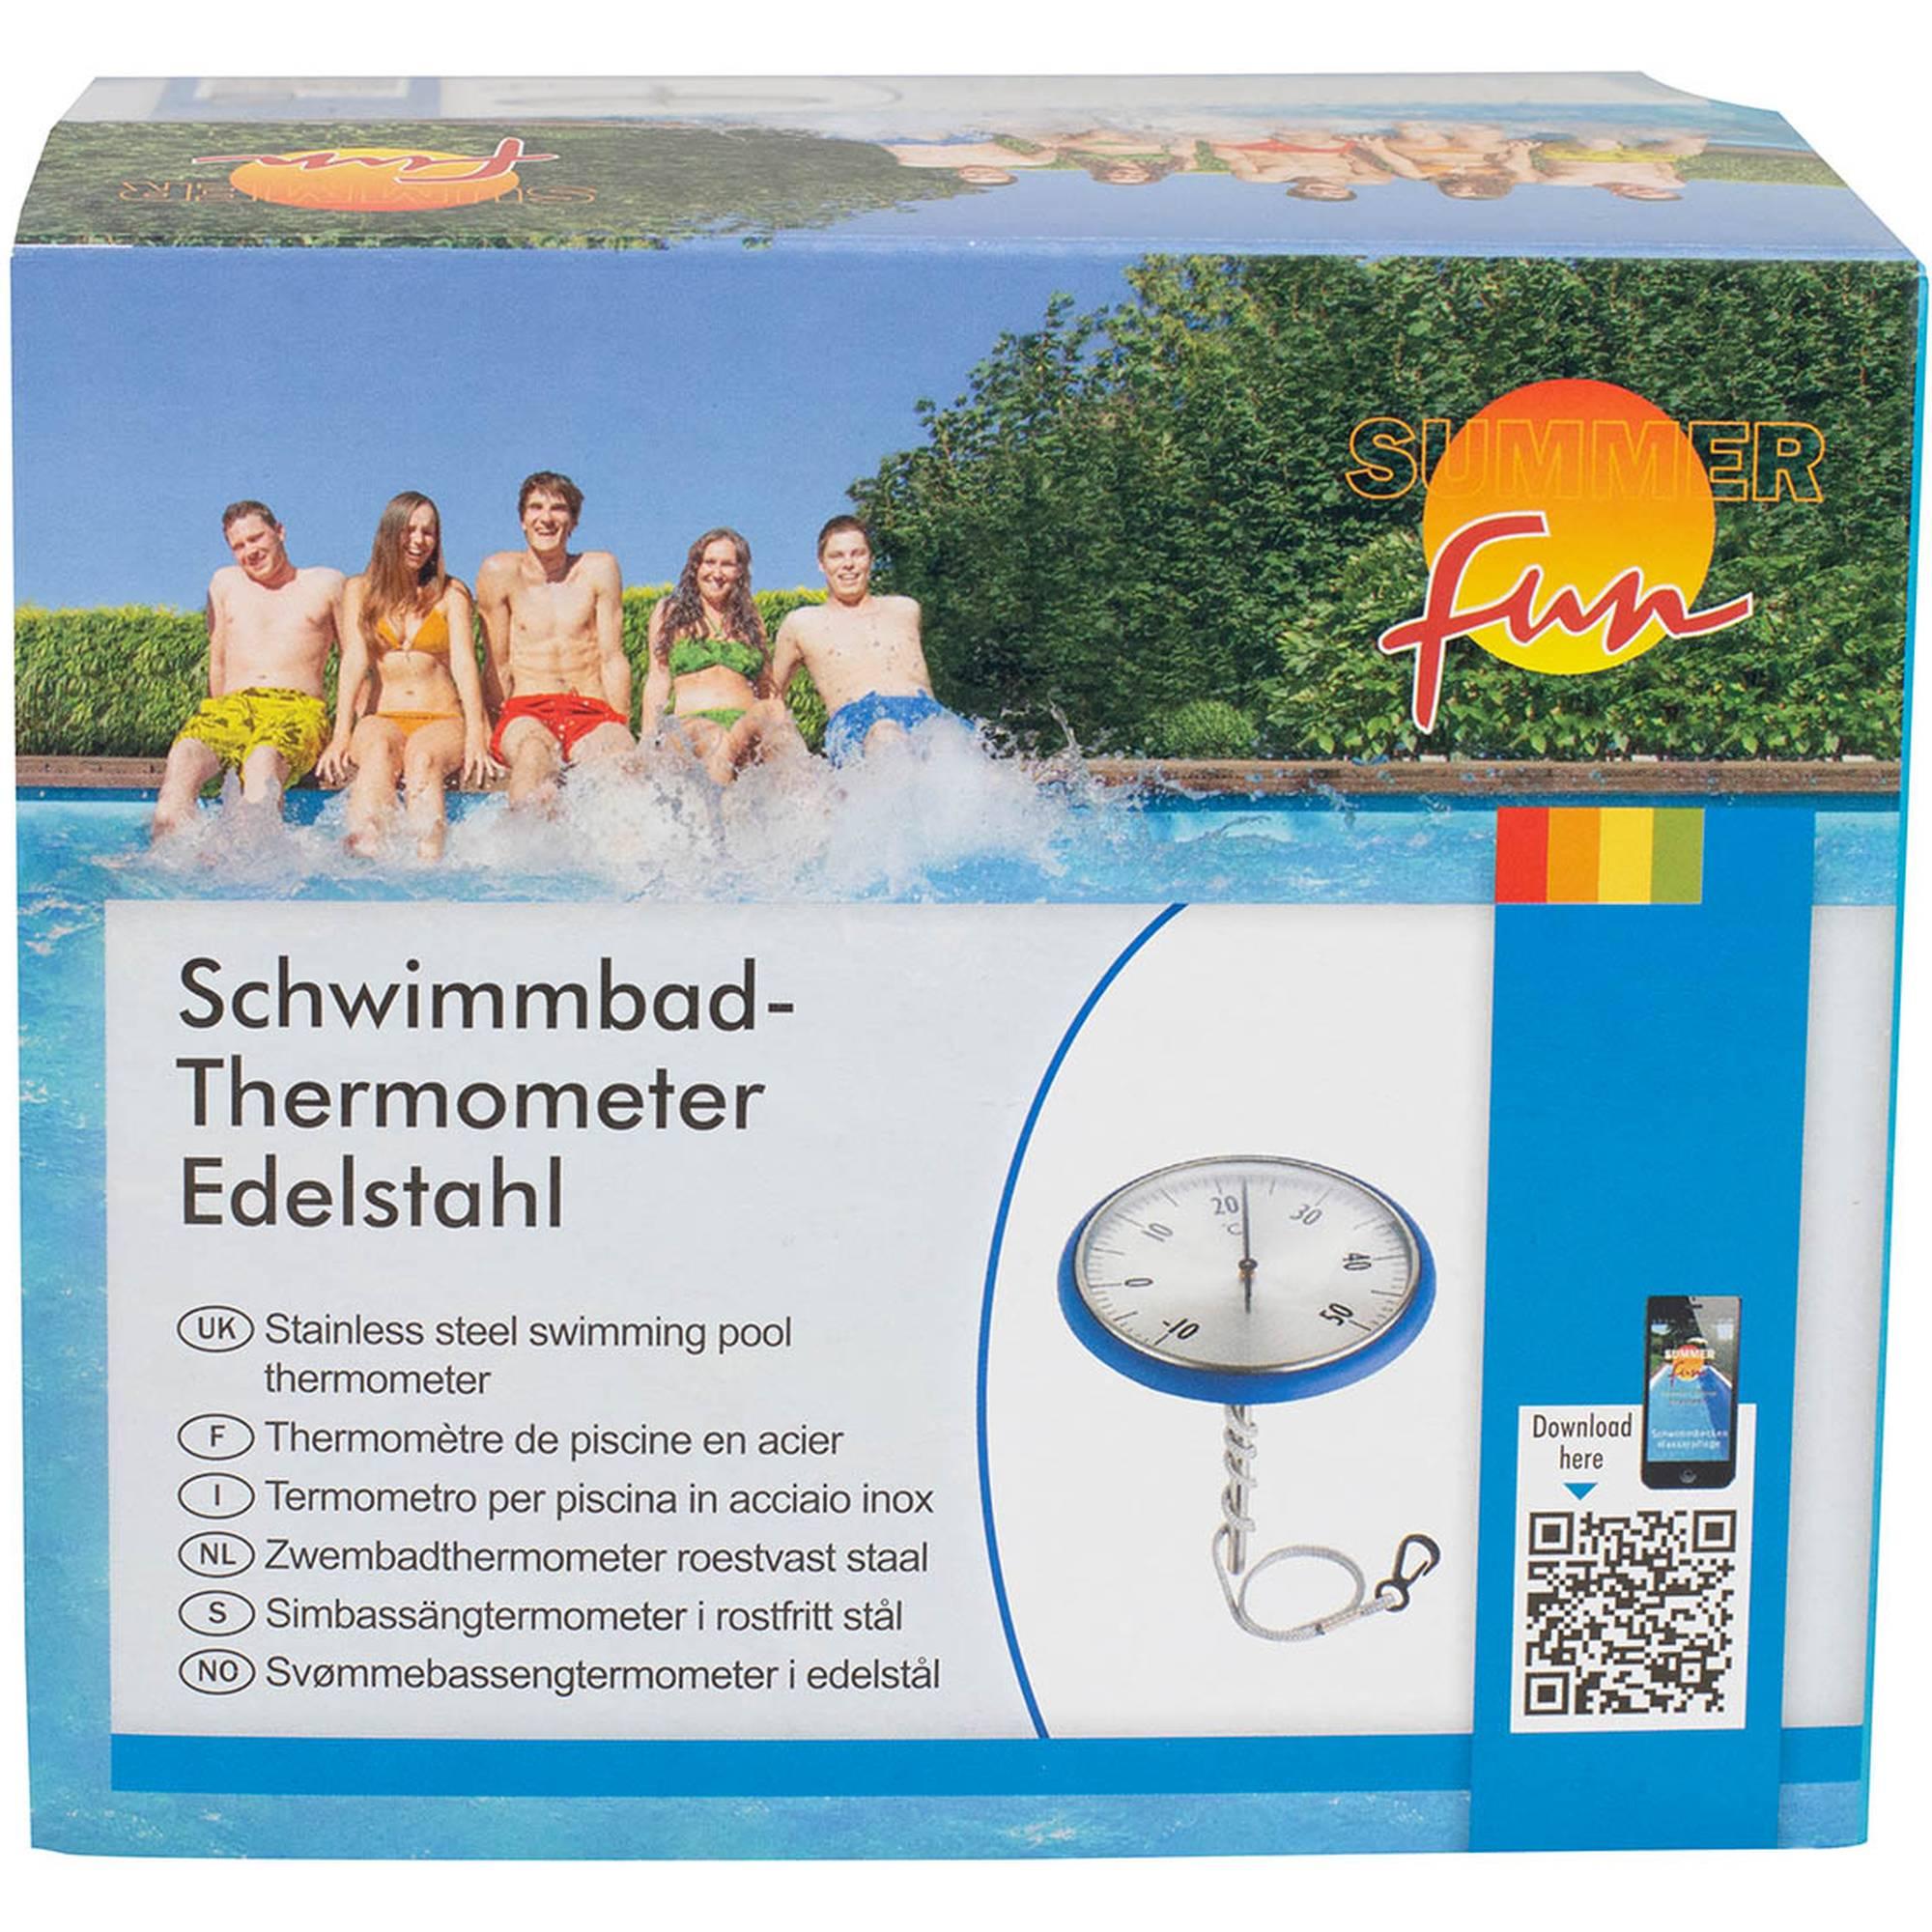 Schwimmthermometer Edelstahl